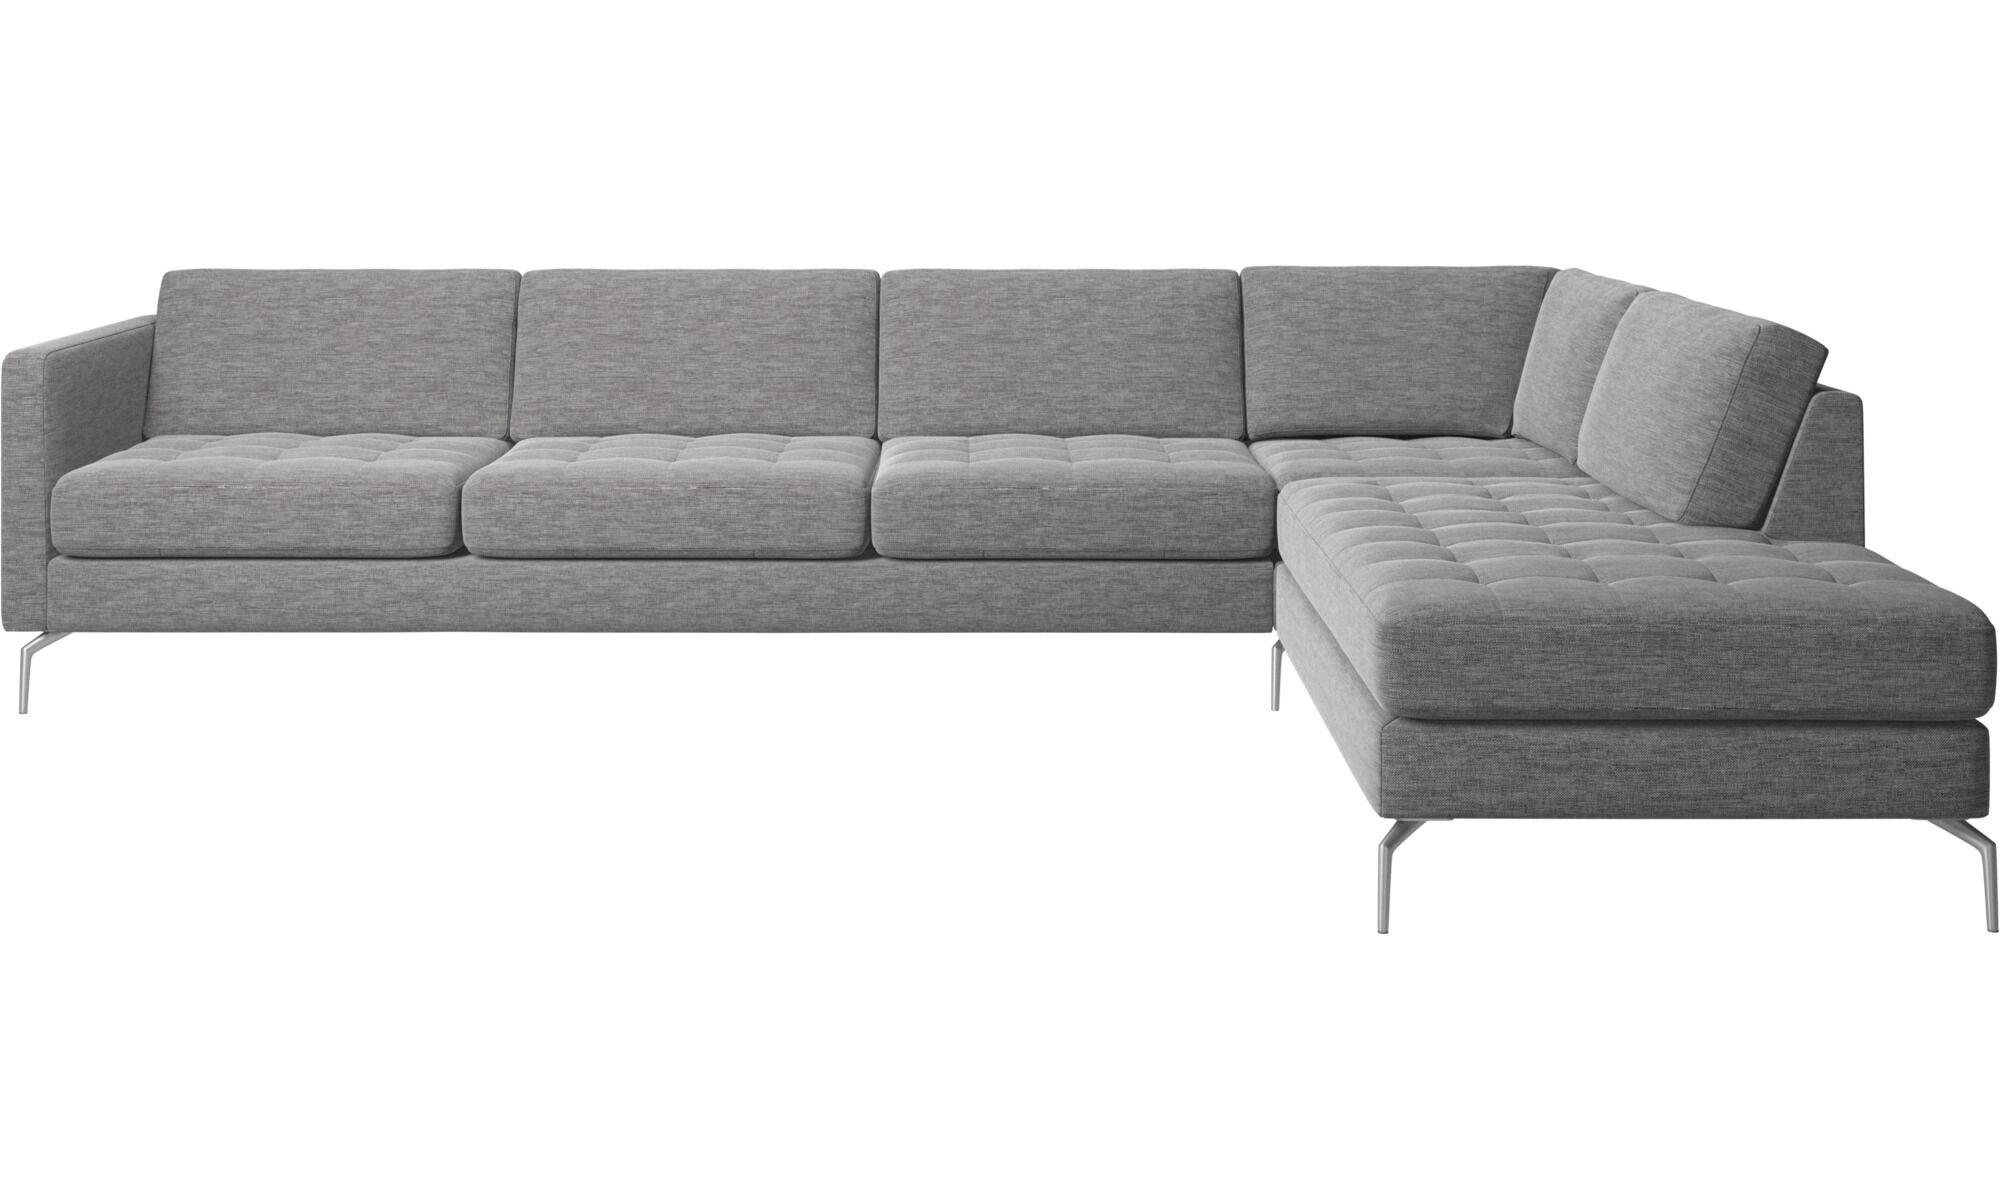 nuevos diseos sof rinconera osaka con mdulo de descanso asiento capiton en gris